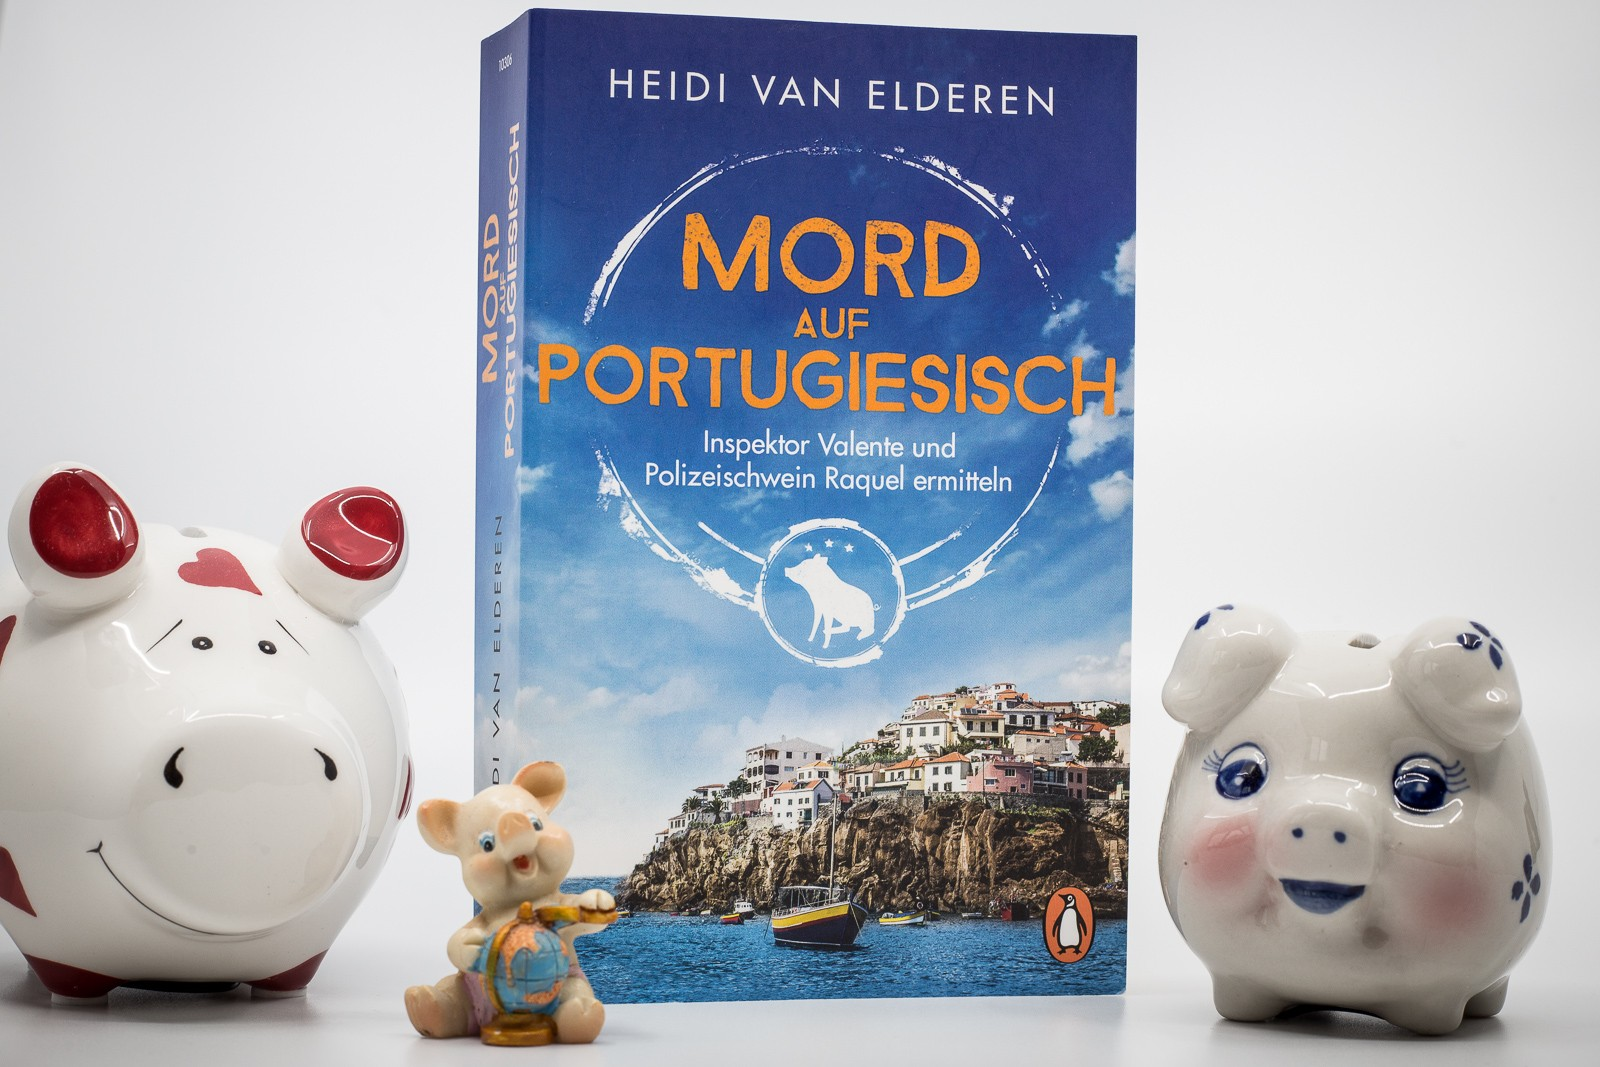 Mord auf Portugiesisch - Heidi van Elderen